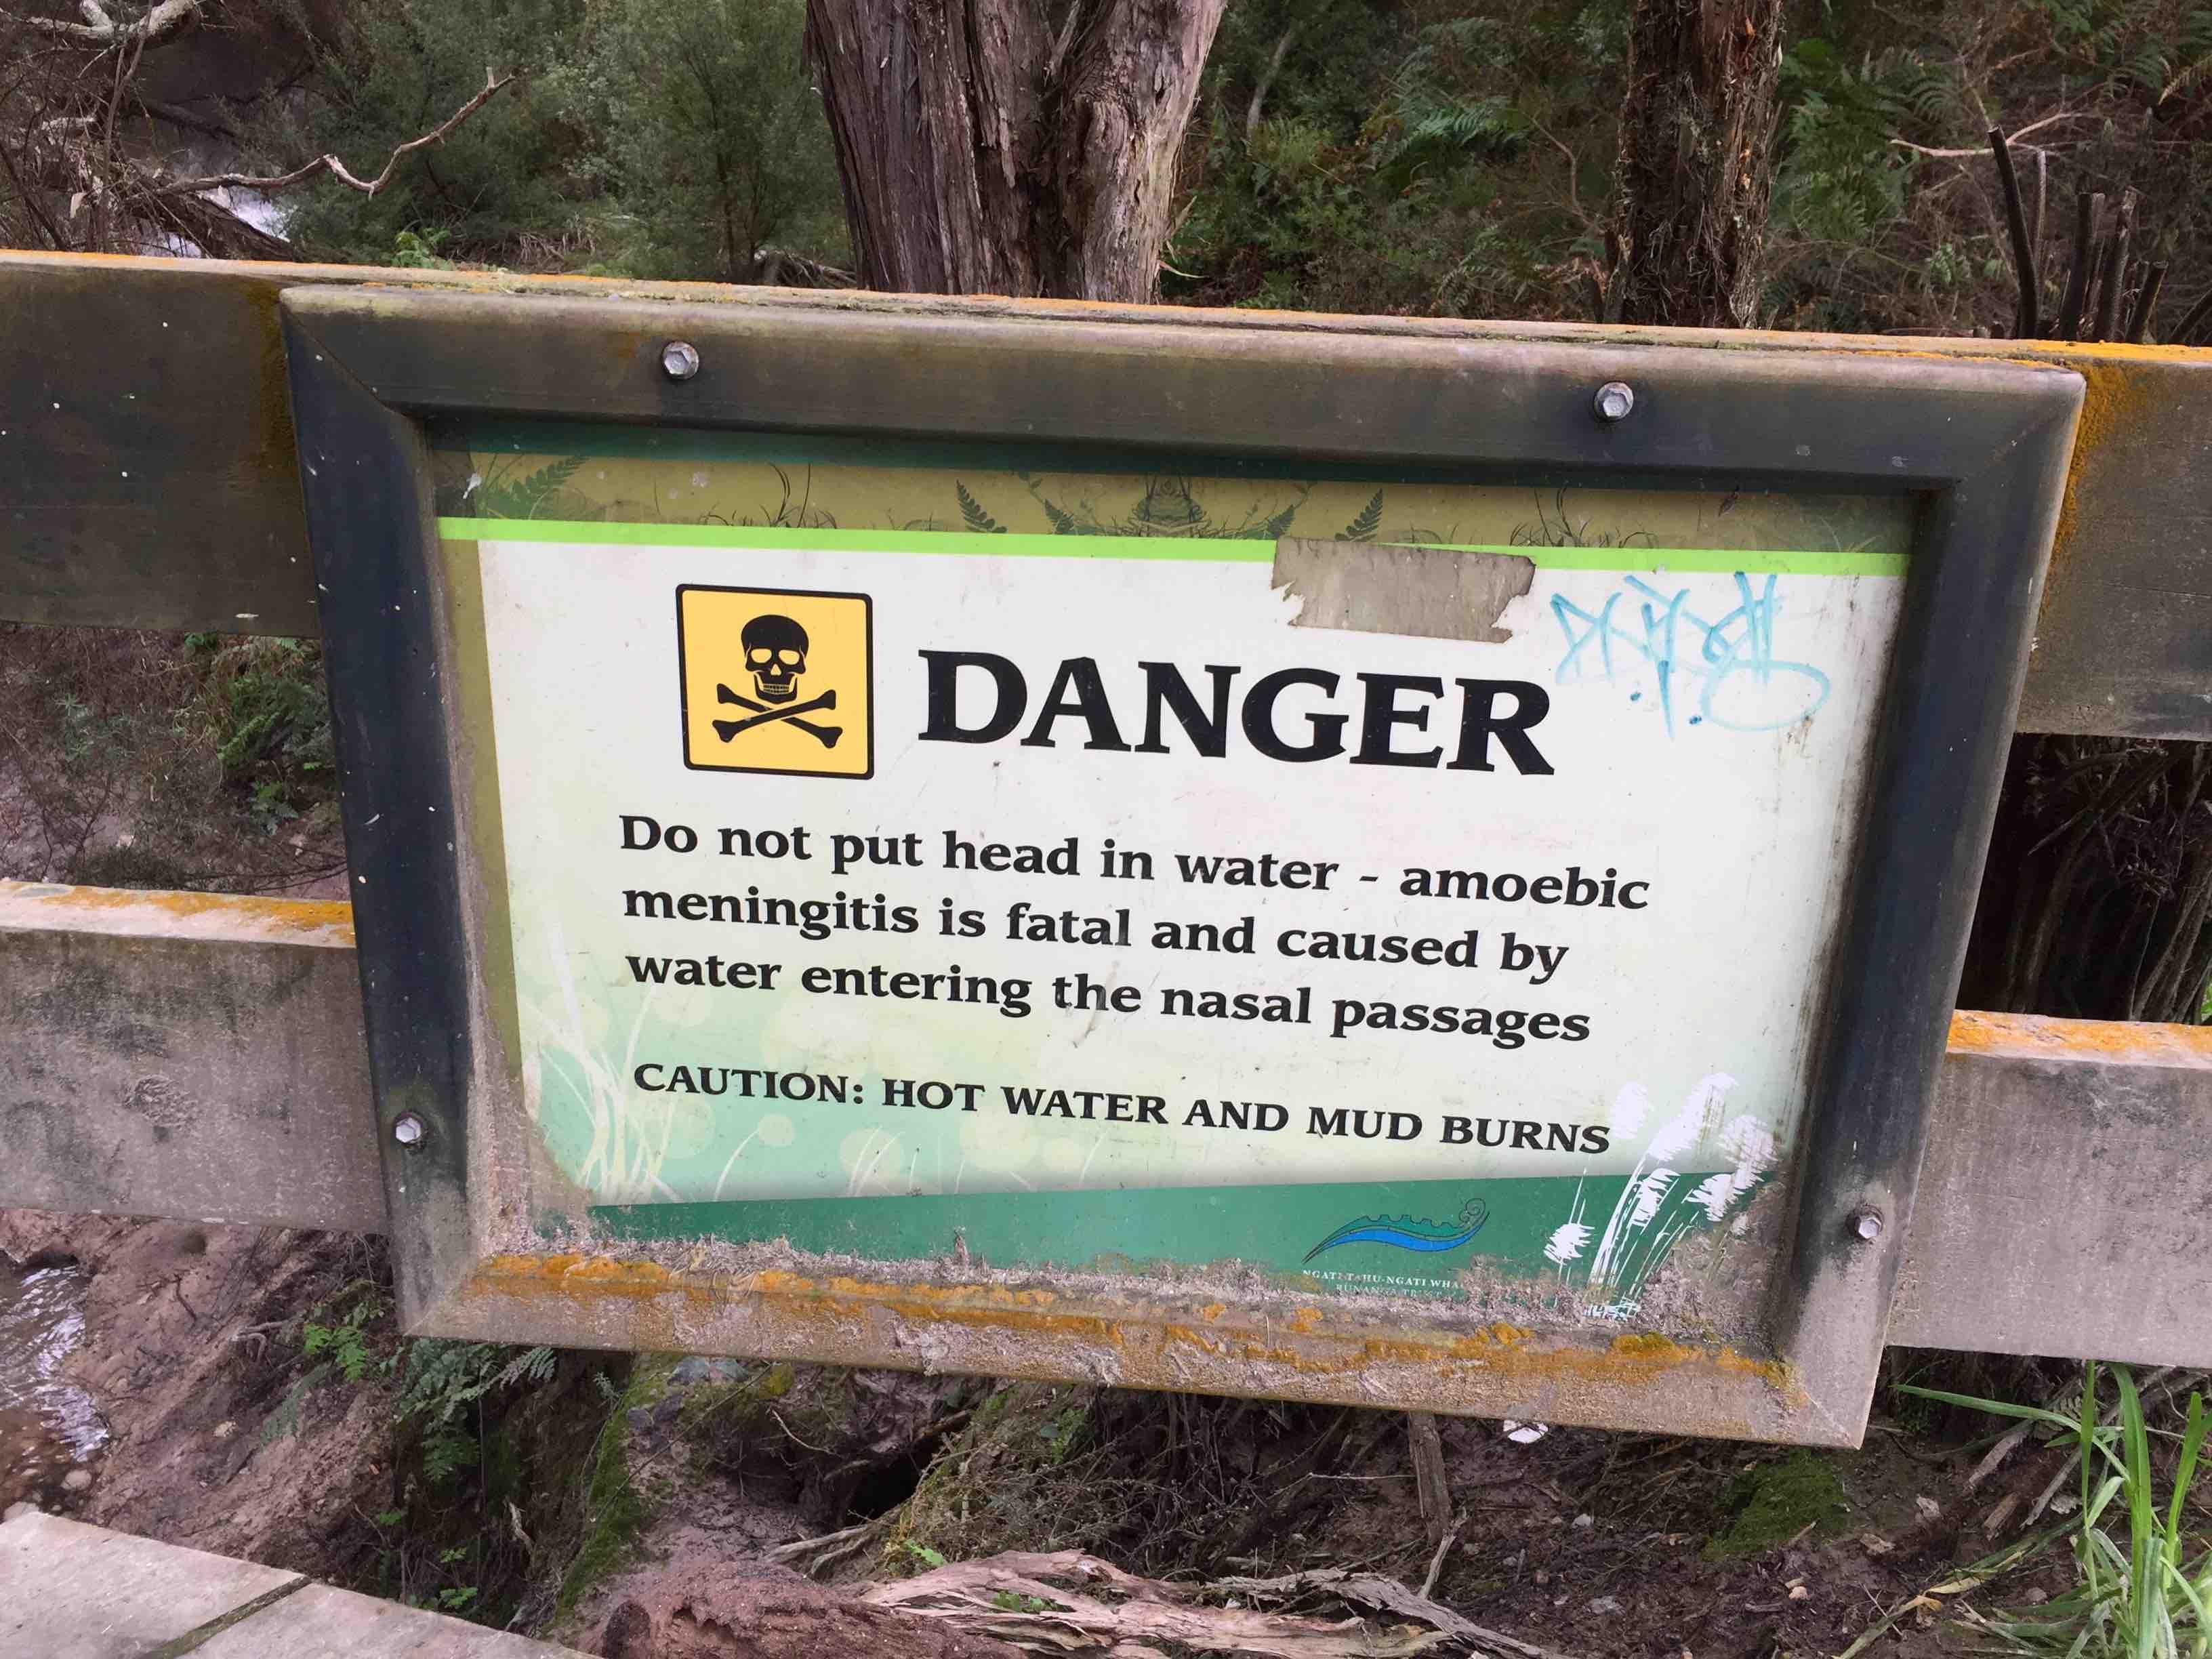 危険表示(顔を川につけてはいけない)